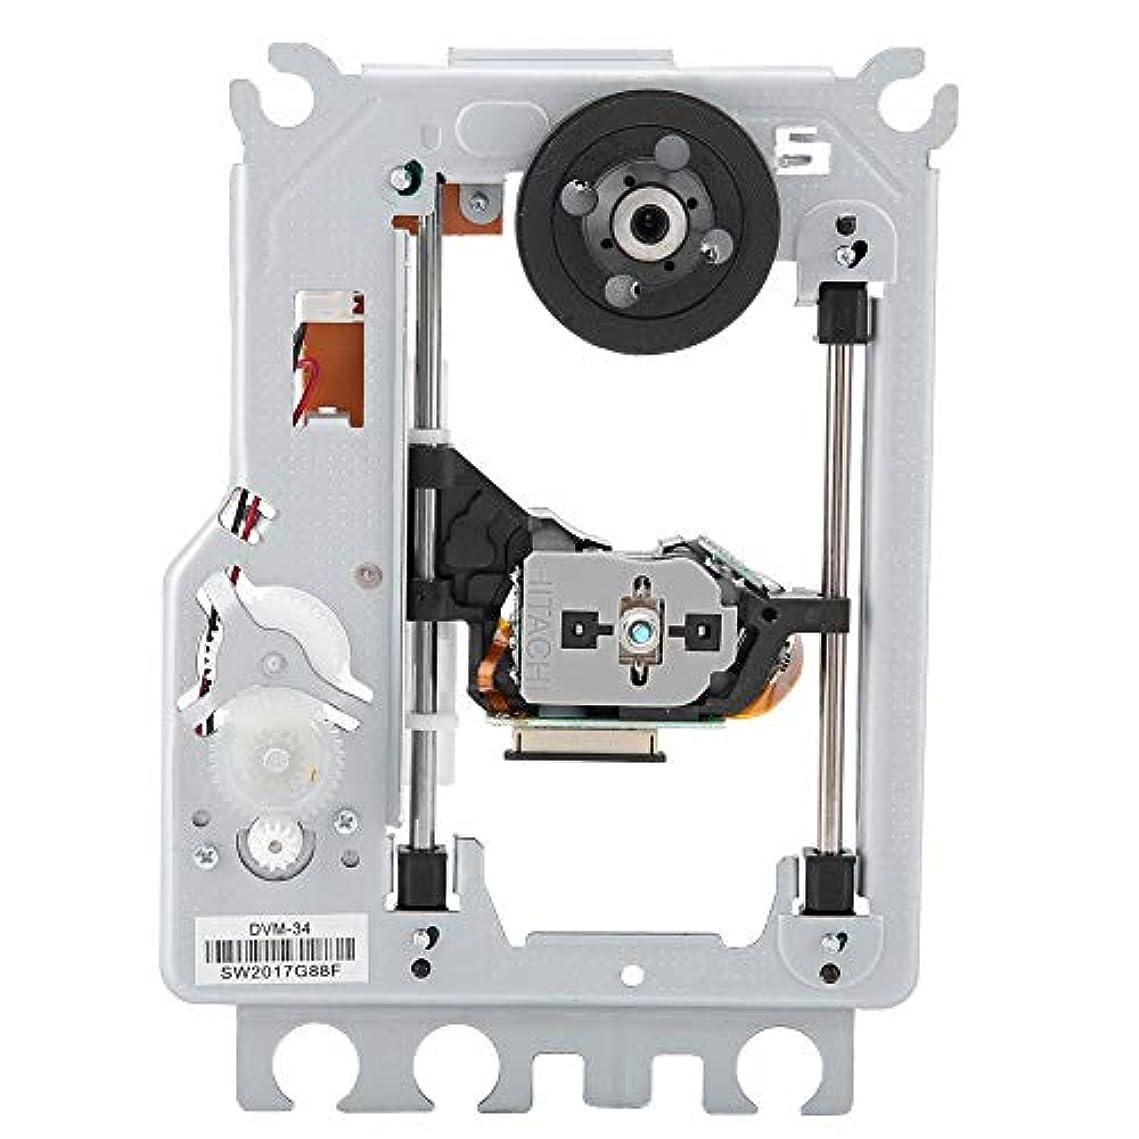 打ち上げる接尾辞傷つきやすいDV34光学ピックアップレーザーレンズ機構交換部品 DVD/EVD用 CDピックアップ レーザレンズメカニズム DVDドライブデッキ交換用 交換用レンズユニット